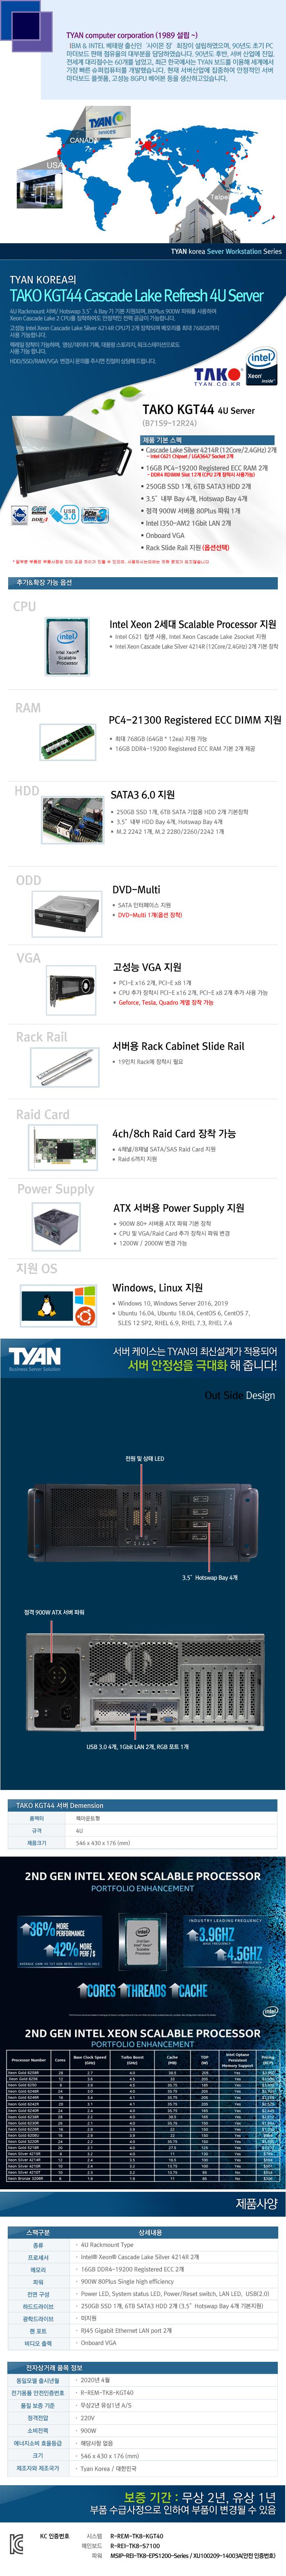 TYAN TAKO-KGT44-(B71S9-12R24) (32GB, SSD 250GB + 12TB)